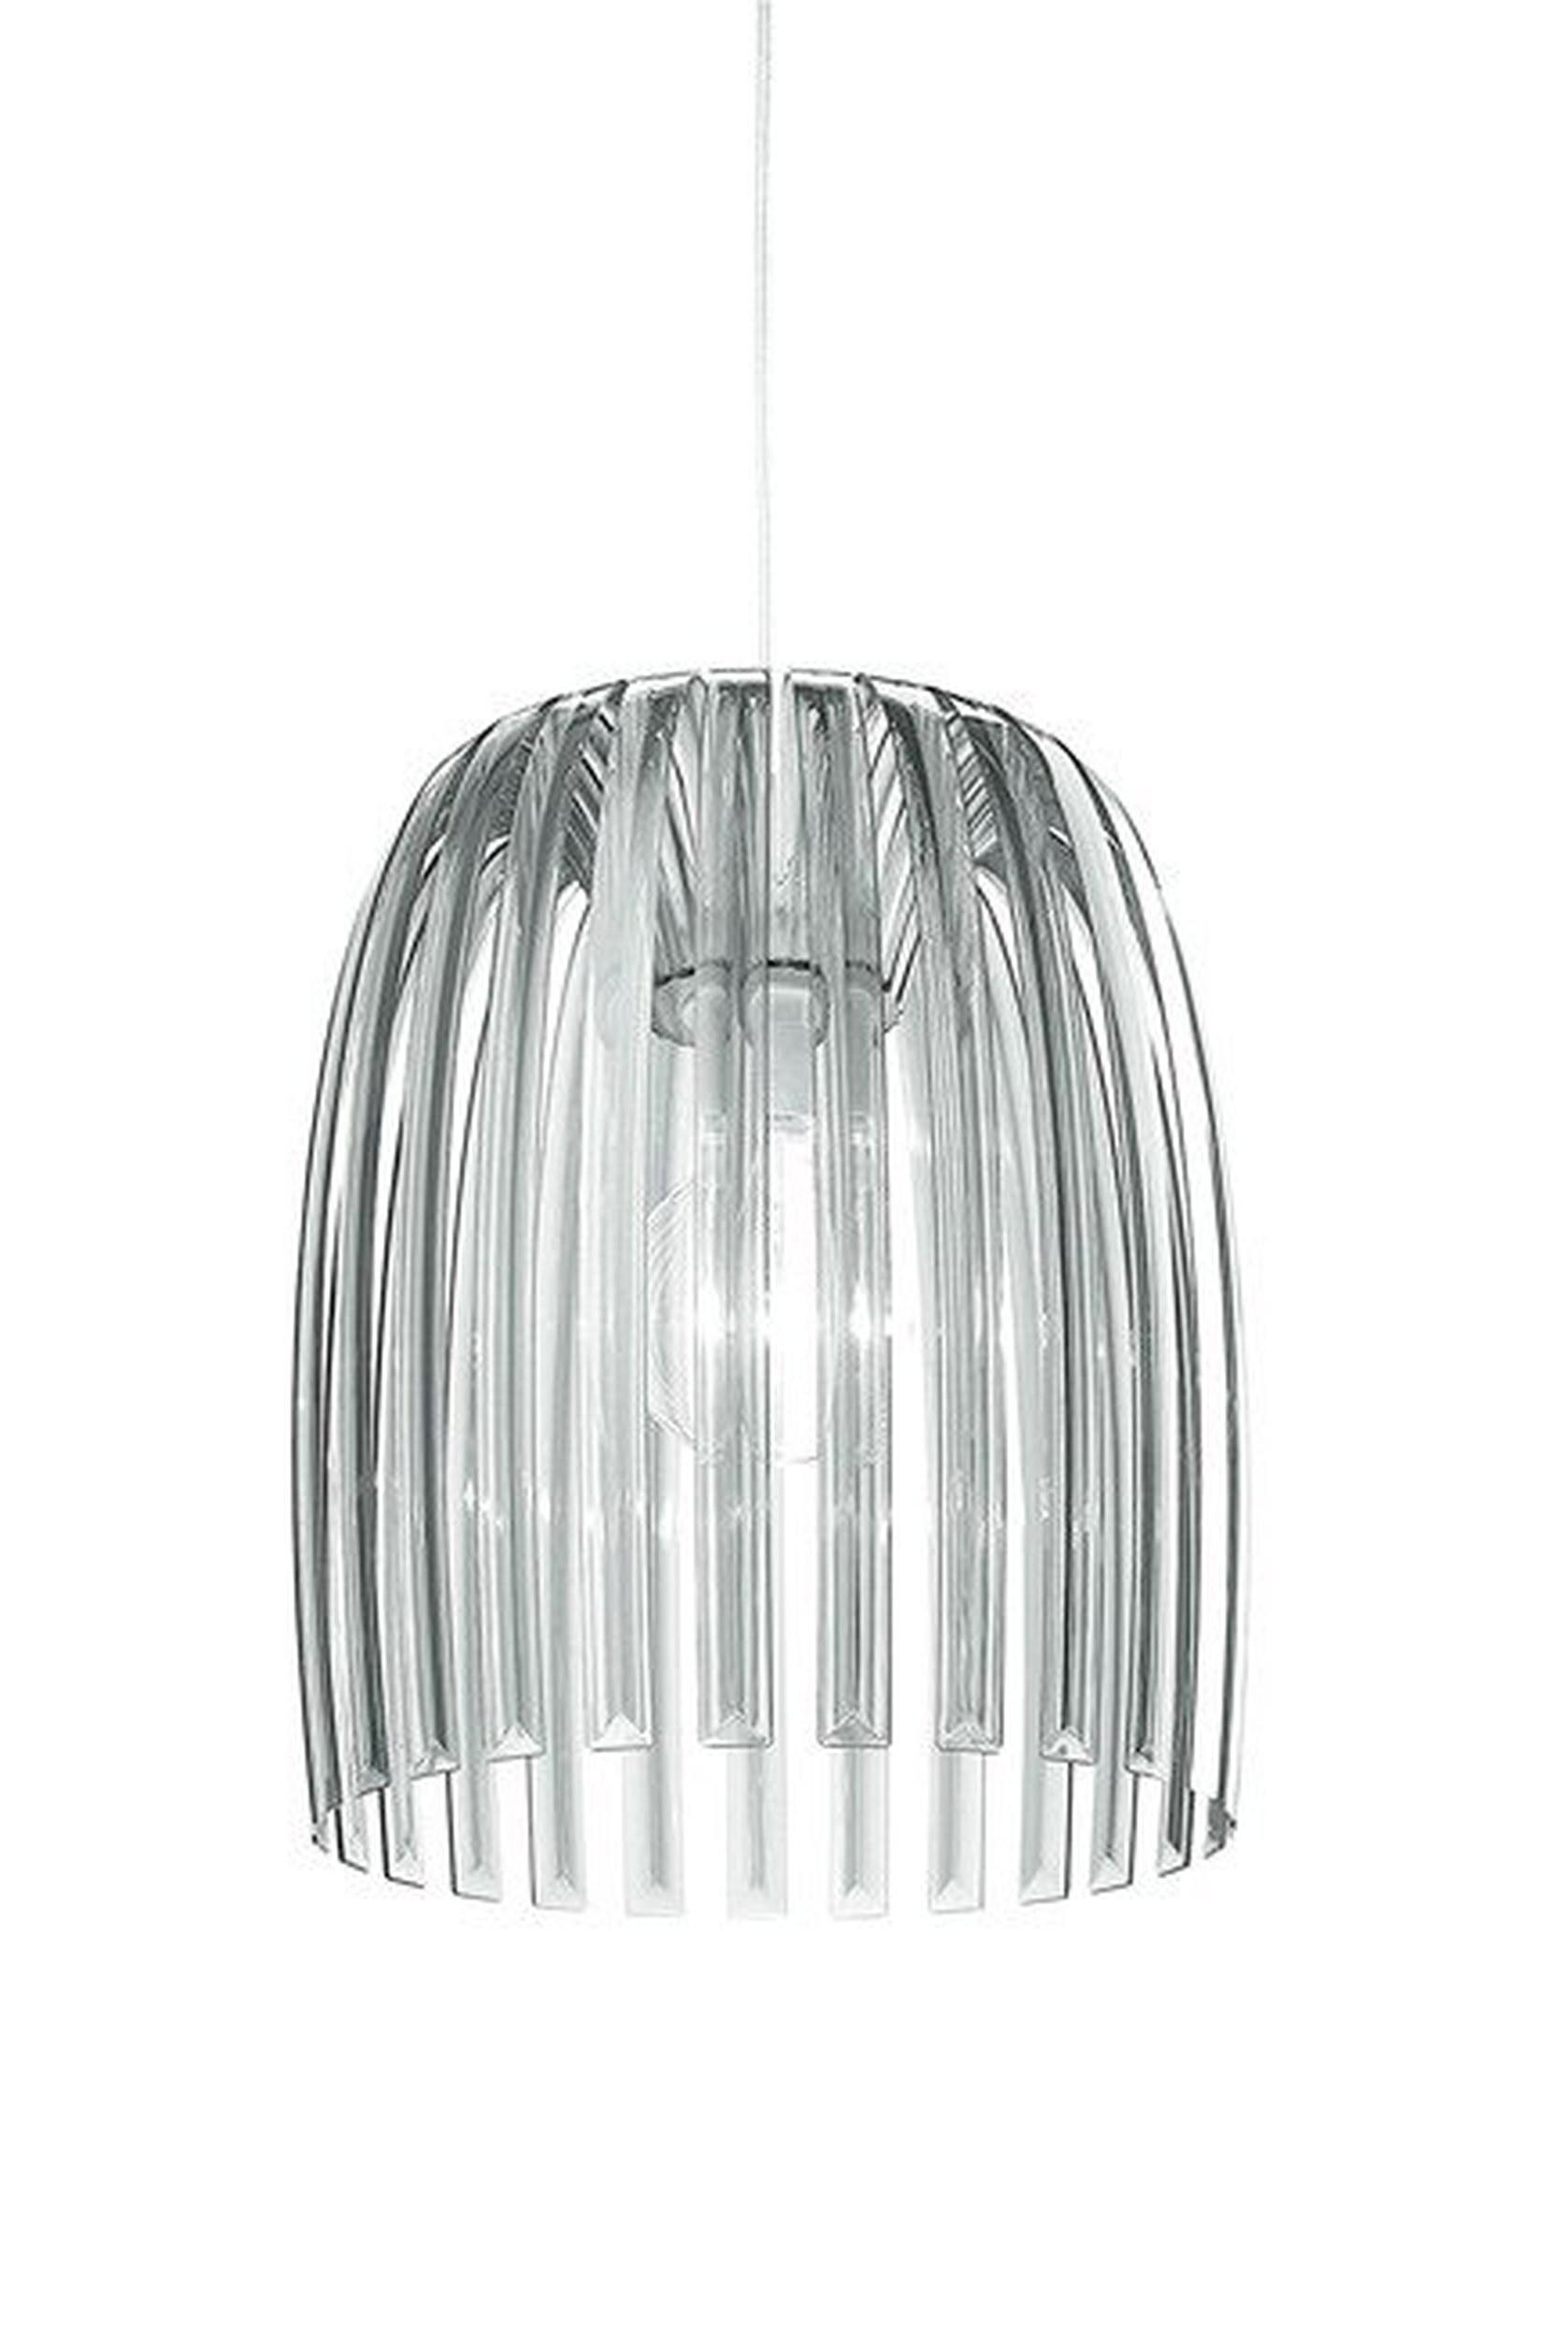 Lampa Josephine przezroczysta